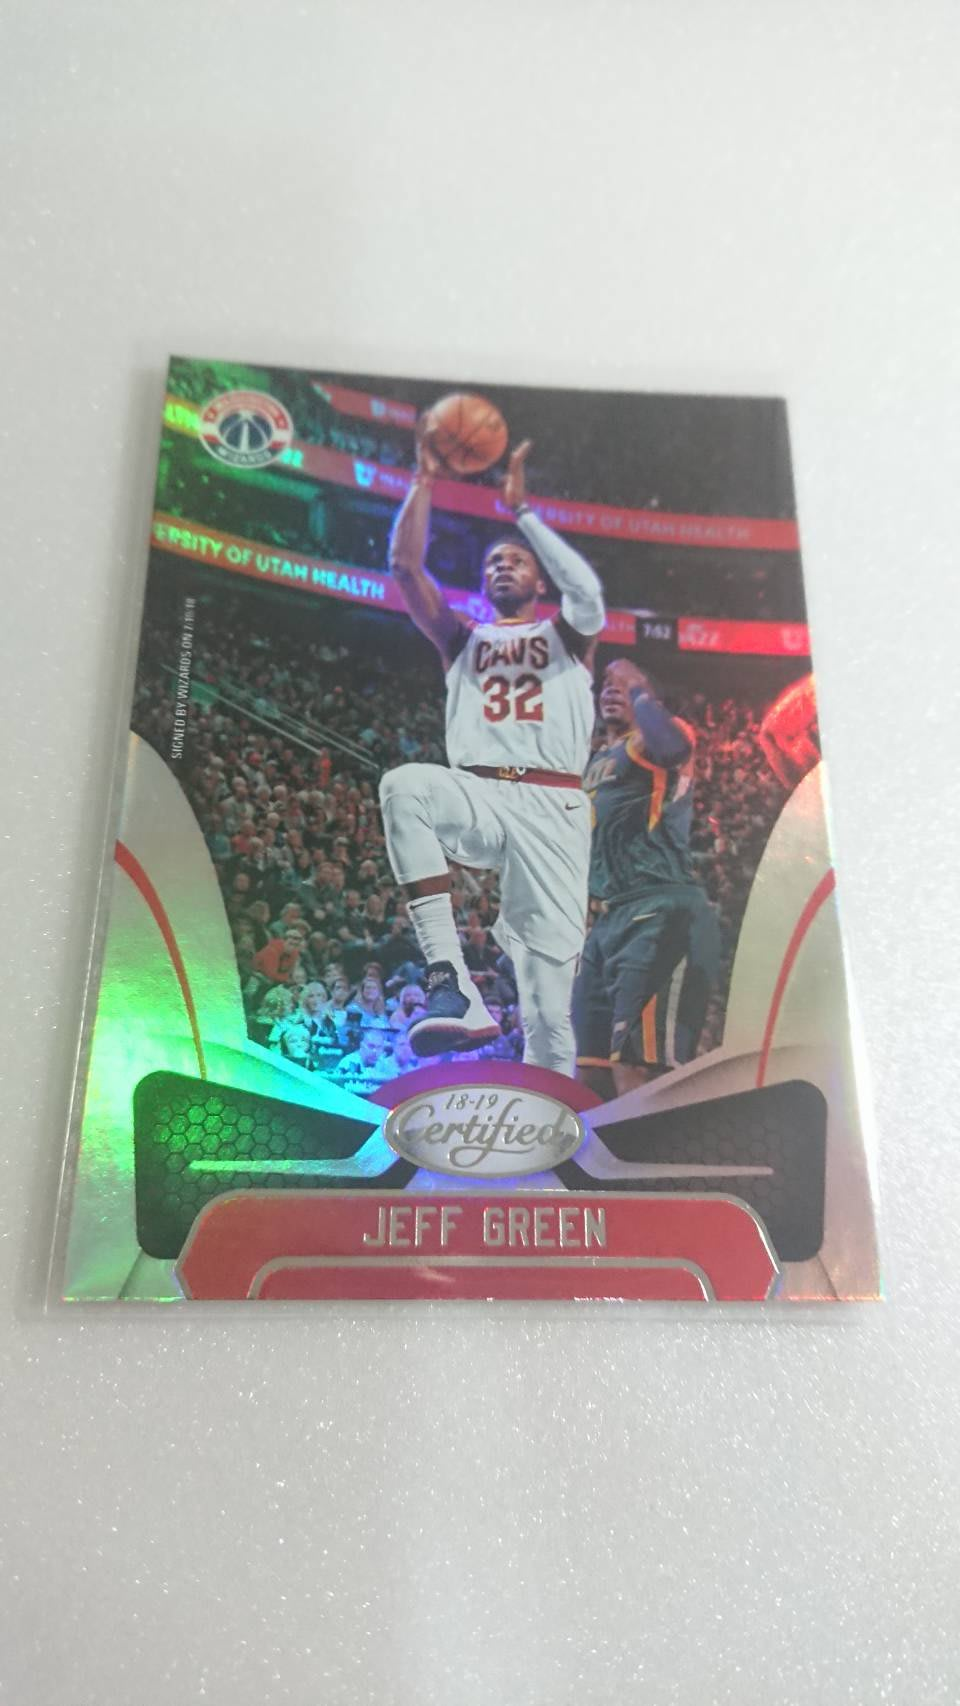 明星球員JEFF GREEN漂亮一張~15元起標